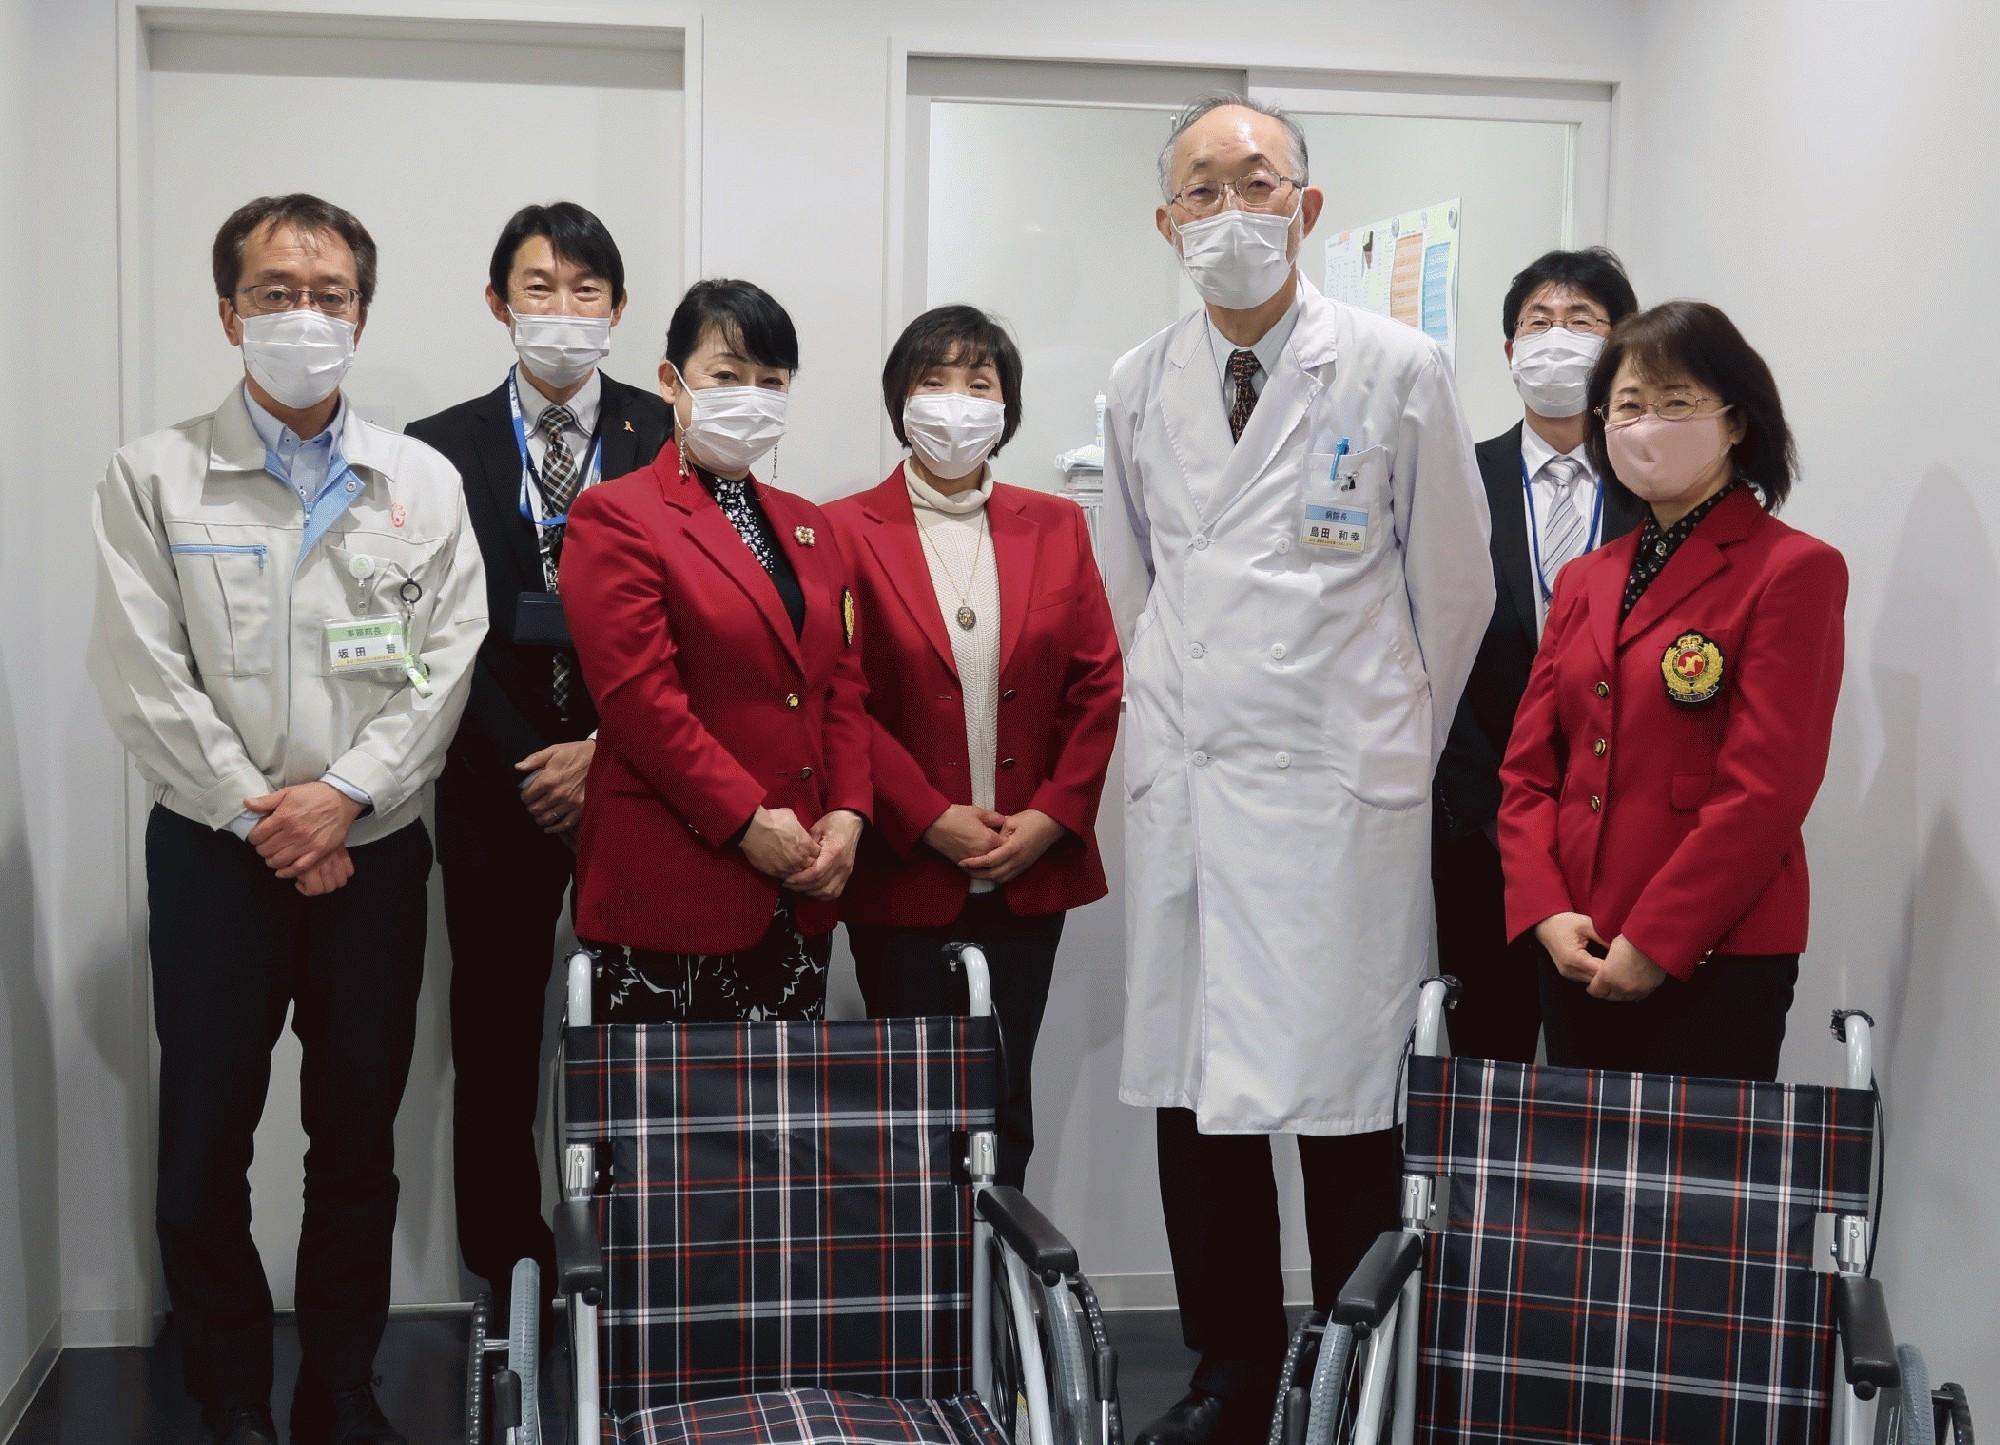 新小山市民病院へ車椅子贈呈